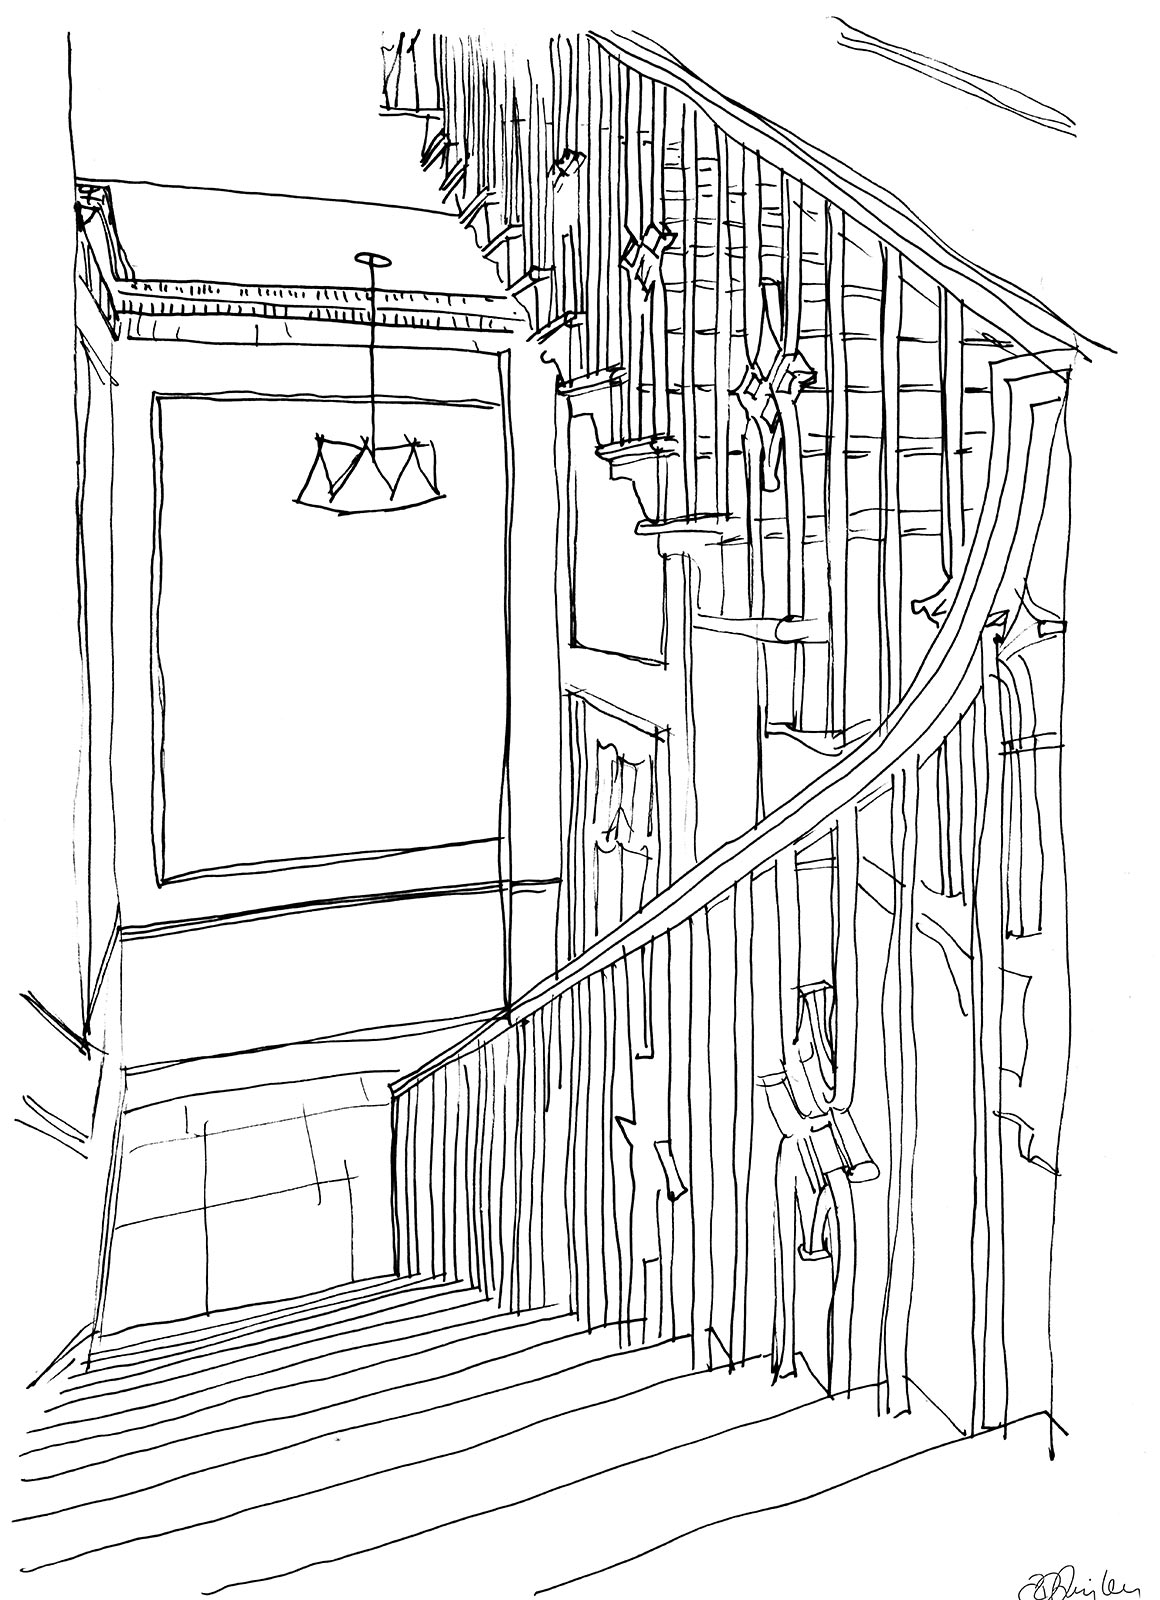 M&E Design for Renovation of Listed Building - illustration